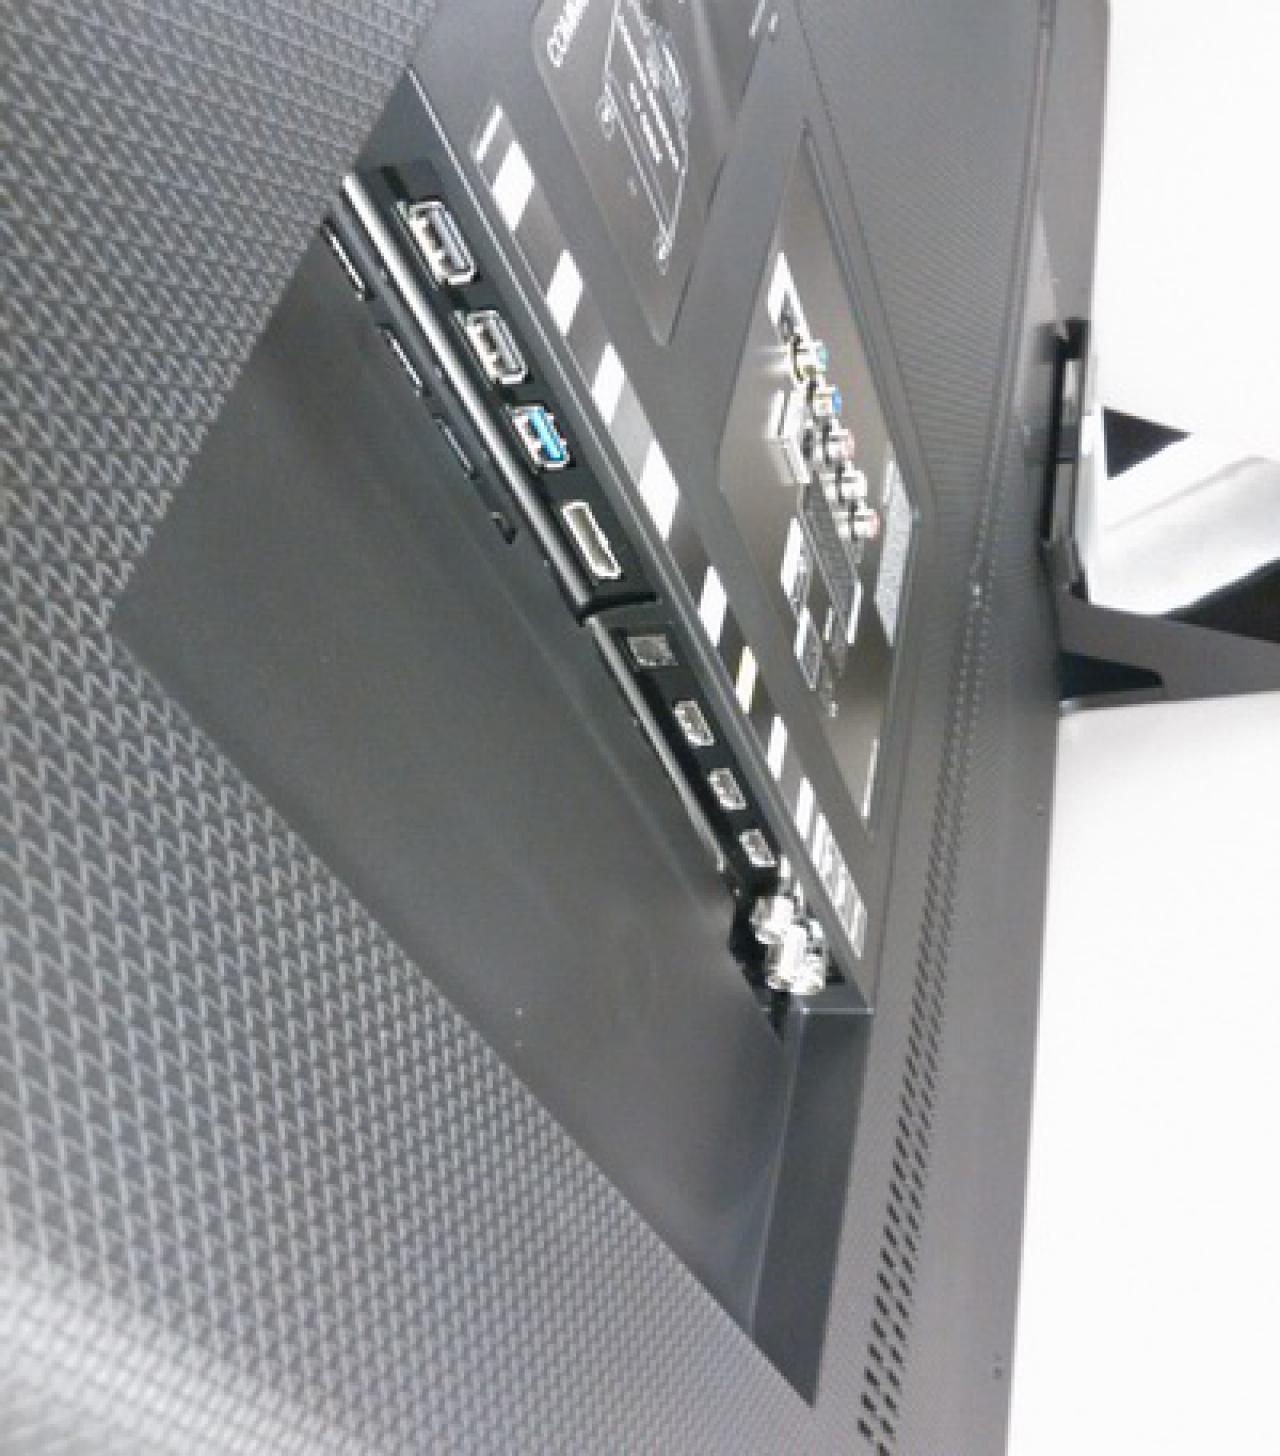 Samsung Anschlussvielfalt HDMI